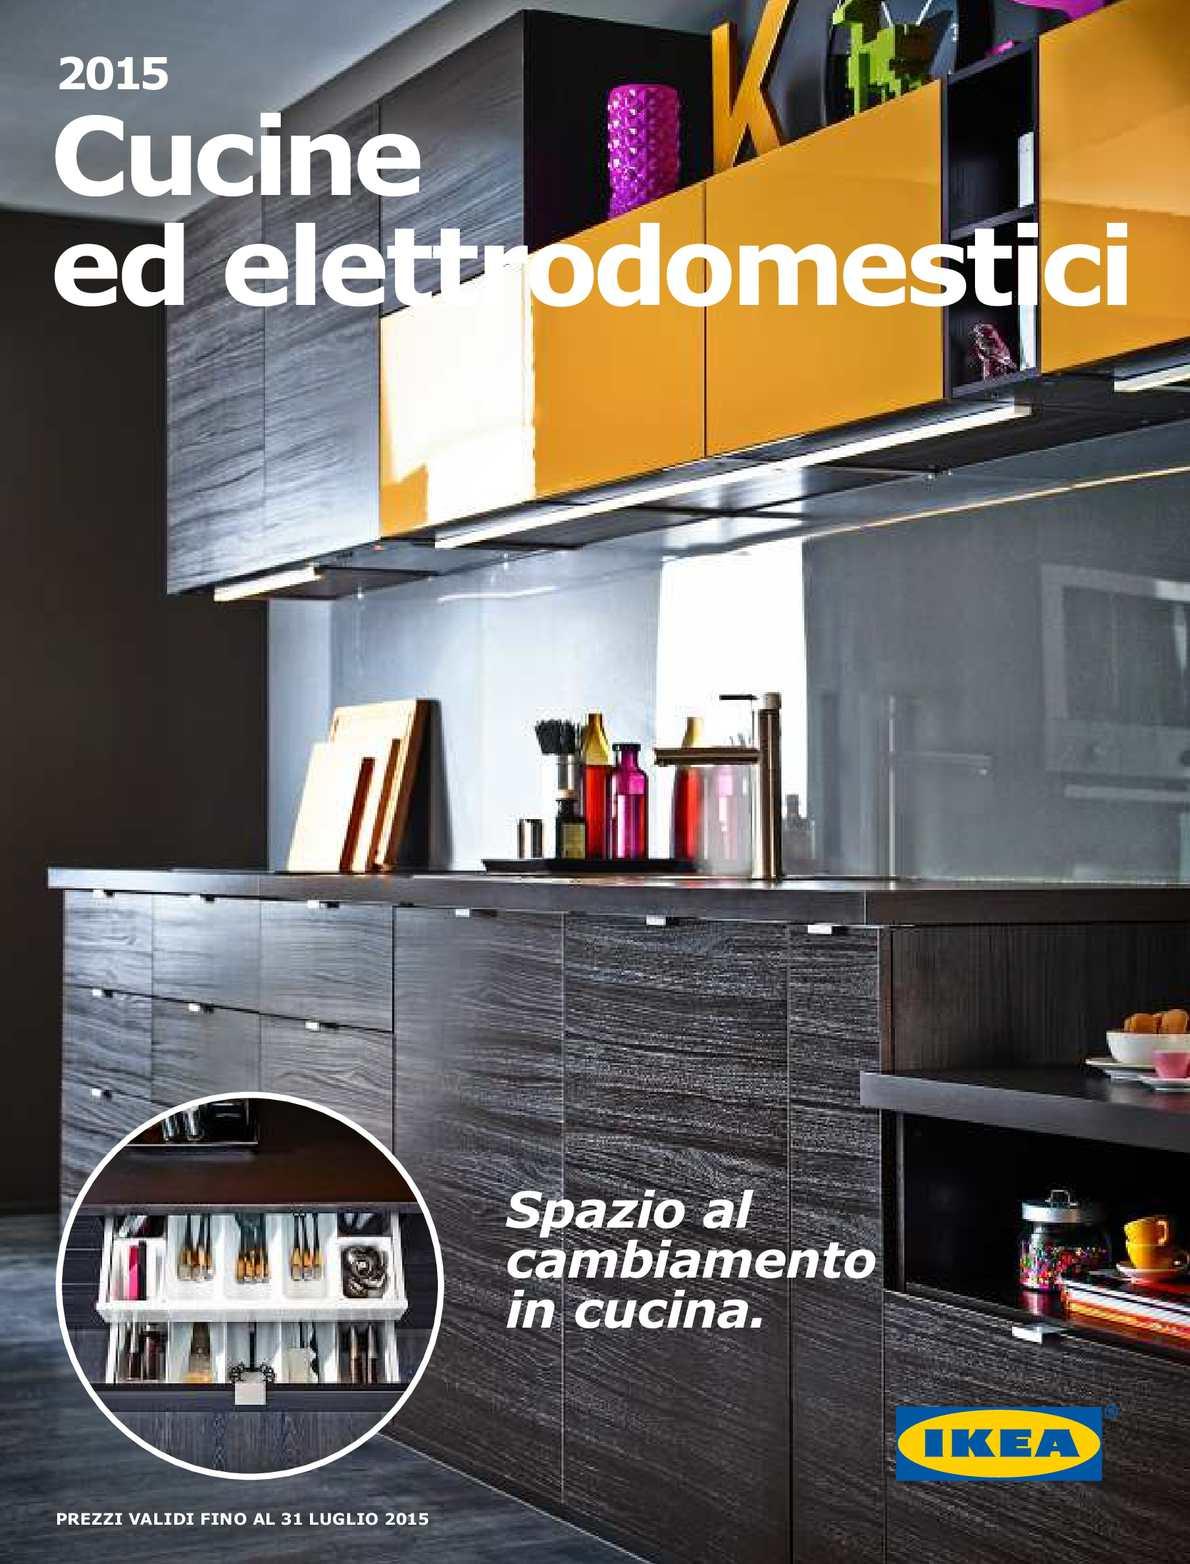 Pensile Angolare Cucina Ikea calaméo - catalogo ikea cucine 14-15